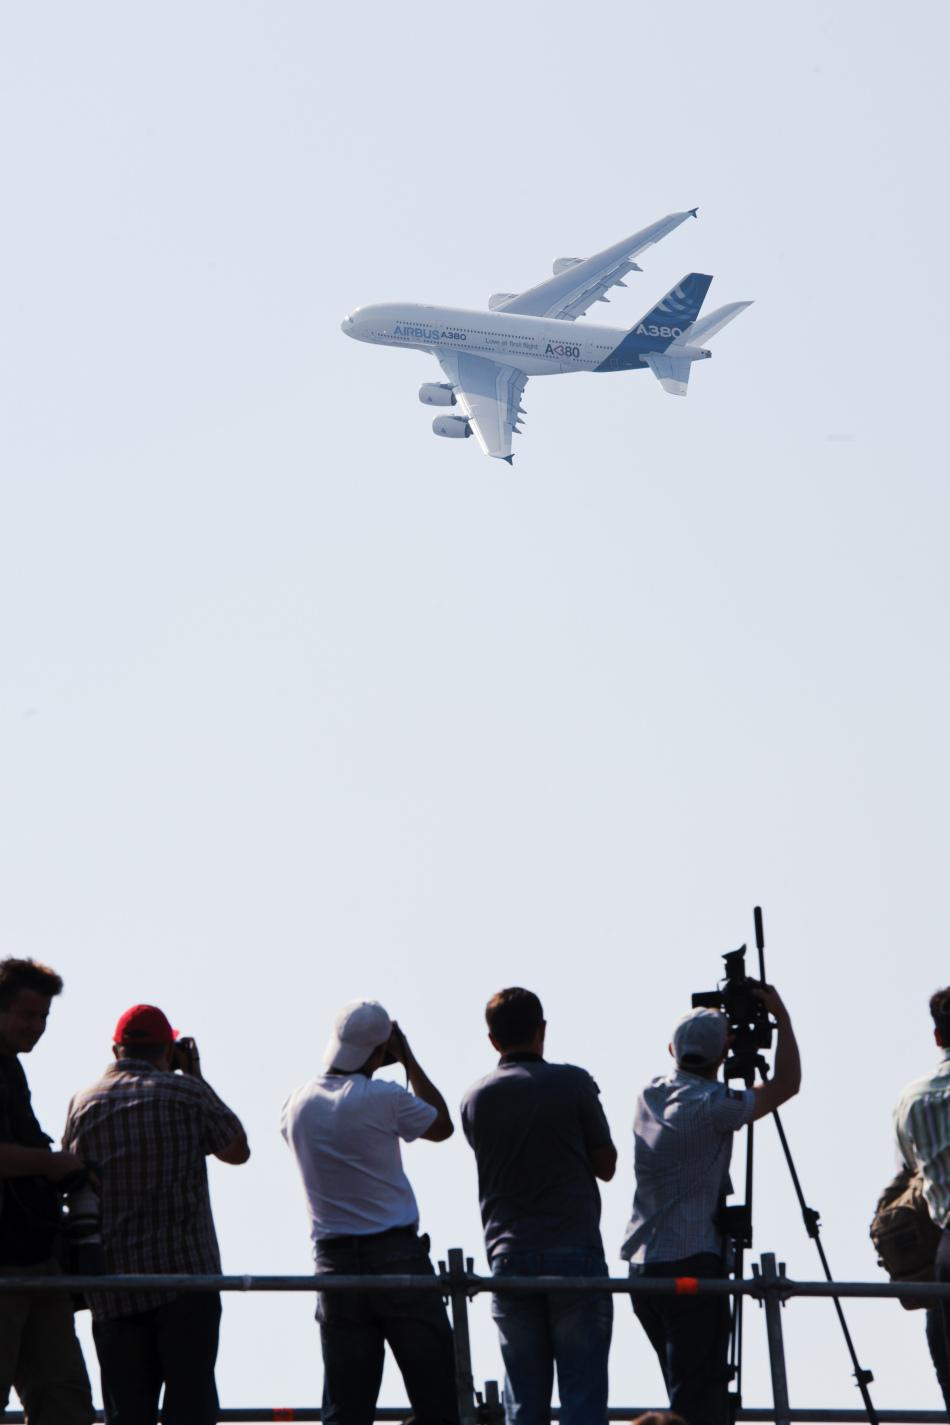 摘要: 俄罗斯别200两栖飞机空中洒水 / A380客机飞行表演 / AH-158型飞机飞行表演 / F-15E战斗机表演大仰角慢速通场 / F-15E战机大仰角起飞 / 参展观众观看AH-158飞机表演 / ...